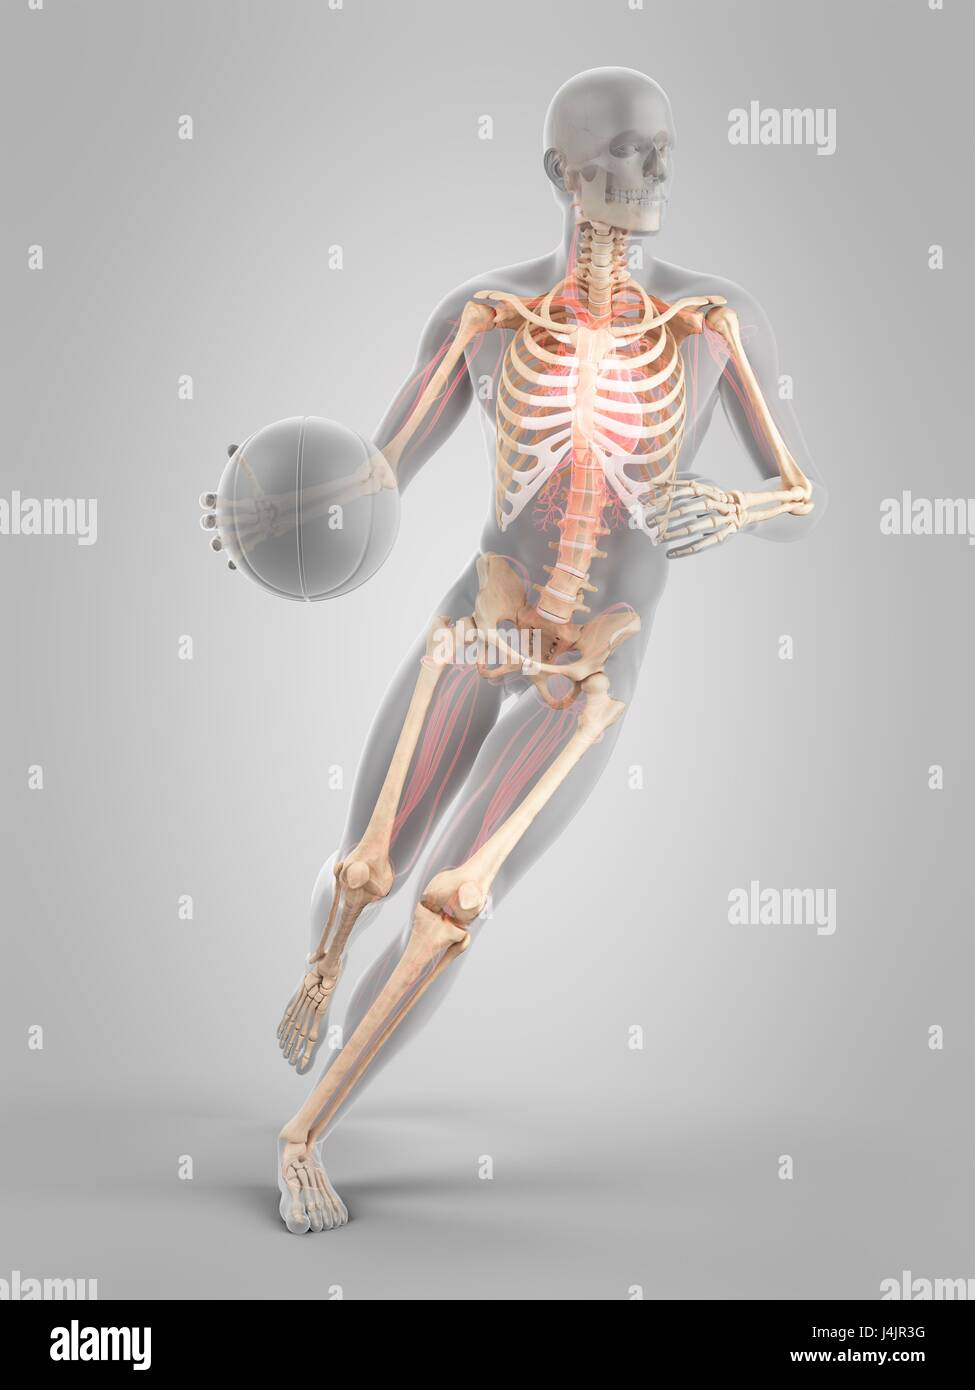 Nett Skelettstruktur Galerie - Menschliche Anatomie Bilder ...